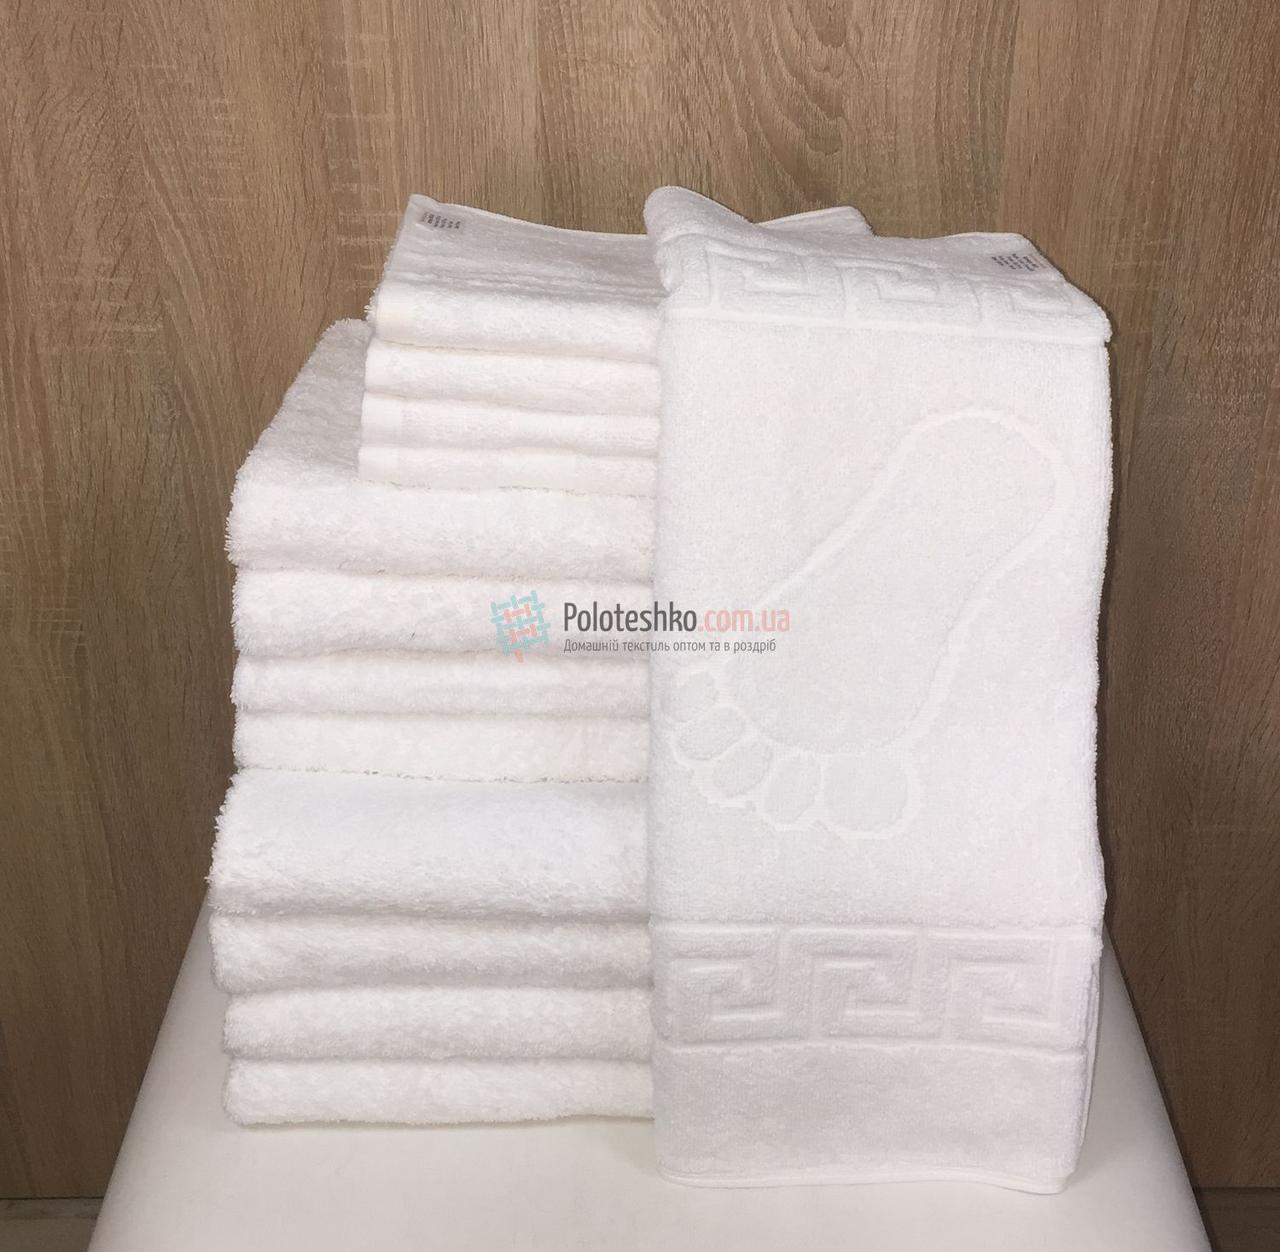 Комплект Туркменских белых полотенец для гостиниц